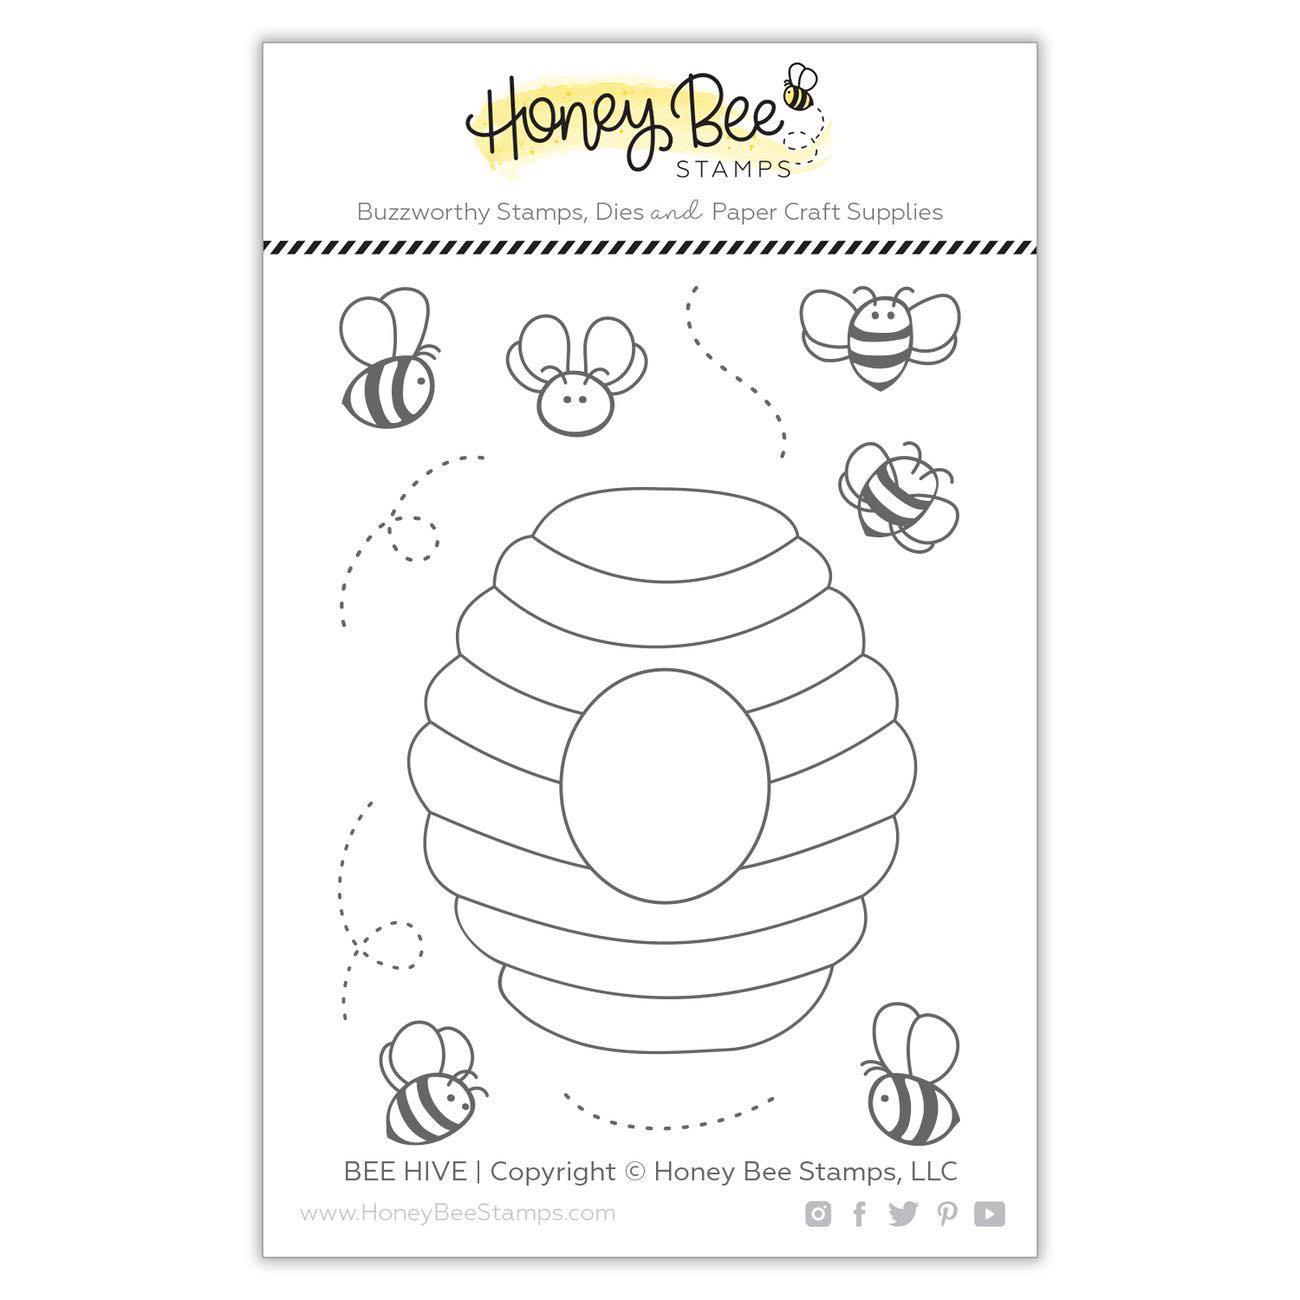 Honey Bee Stamps - Bee Hive 3x4 Stamp Set